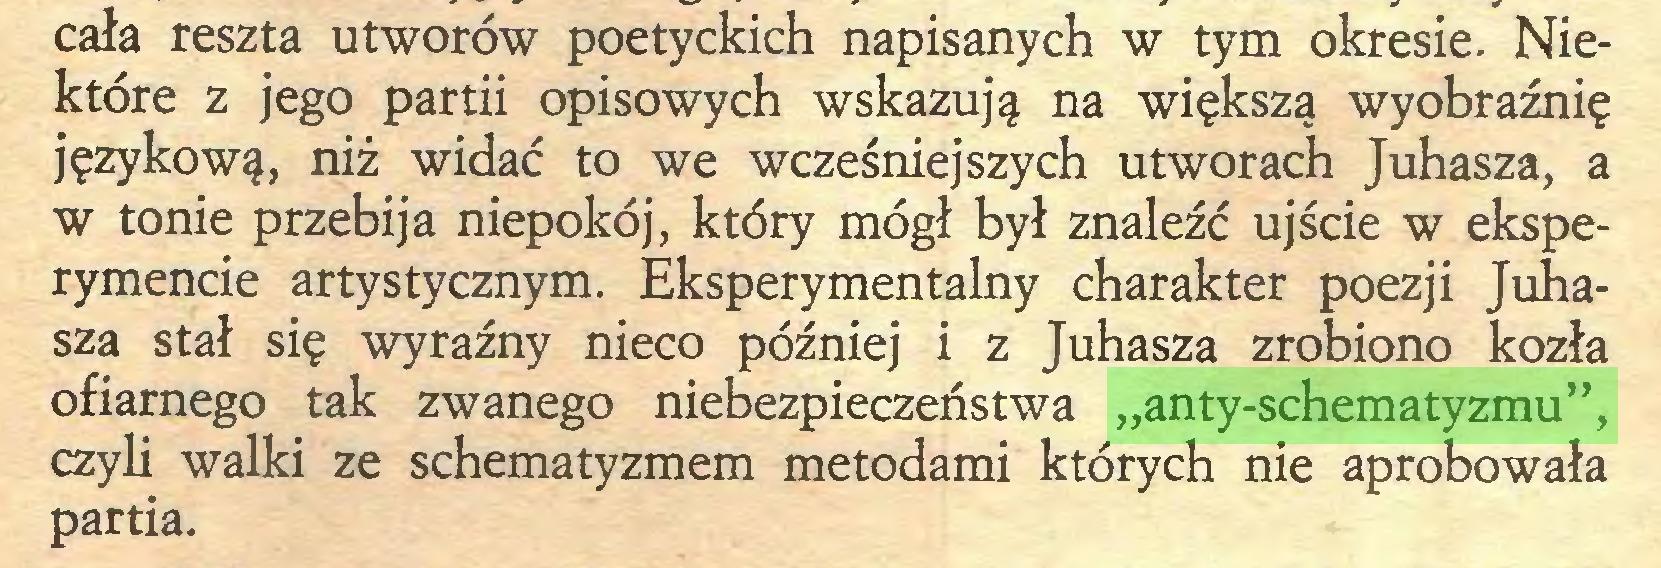 """(...) cała reszta utworów poetyckich napisanych w tym okresie. Niektóre z jego partii opisowych wskazują na większą wyobraźnię językową, niż widać to we wcześniejszych utworach Juhasza, a w tonie przebija niepokój, który mógł był znaleźć ujście w eksperymencie artystycznym. Eksperymentalny charakter poezji Juhaszą stał się wyraźny nieco później i z Juhasza zrobiono kozła ofiarnego tak zwanego niebezpieczeństwa """"anty-schematyzmu"""", czyli walki ze schematyzmem metodami których nie aprobowała partia..."""